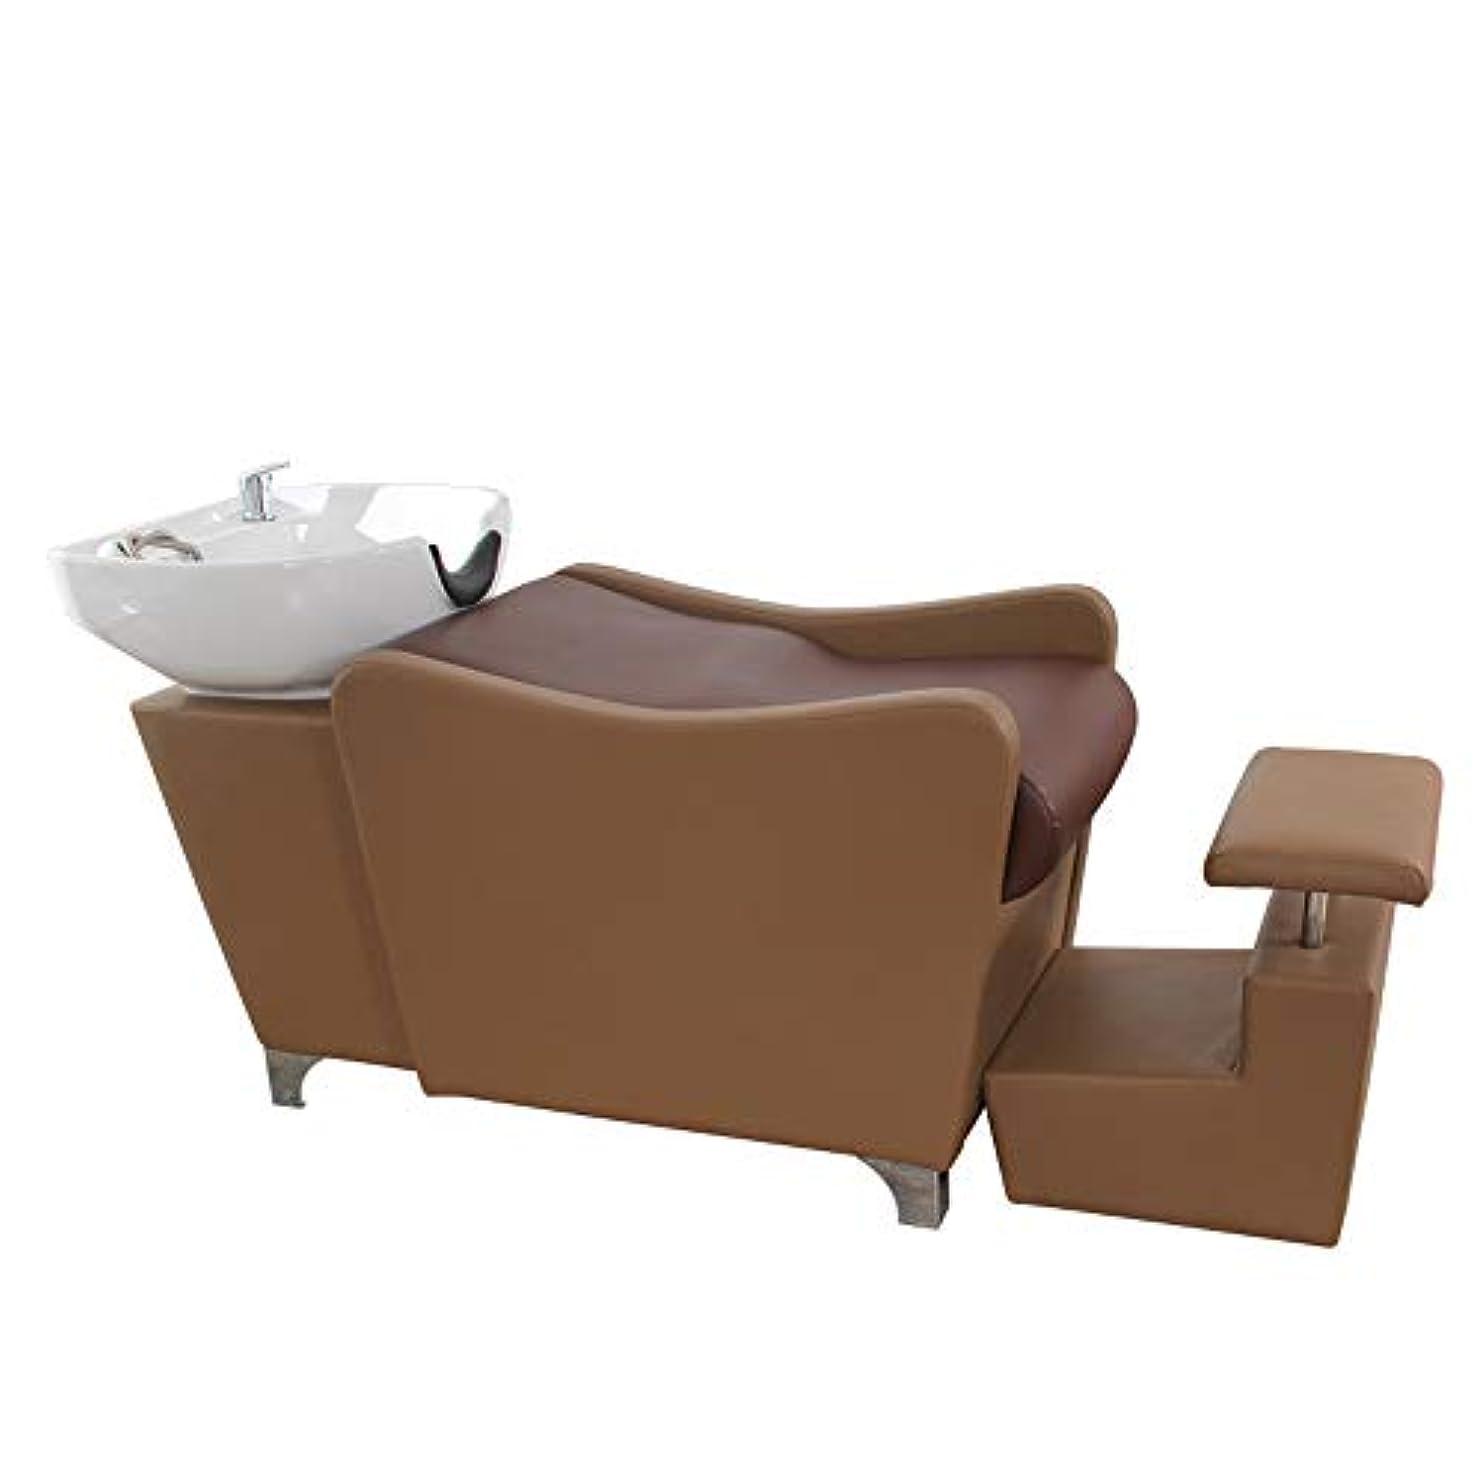 起こるショップカフェテリアシャンプーチェア、理髪店の逆洗ユニットシャンプーボウル理髪シンクの椅子用スパ美容院機器(ブラウン)